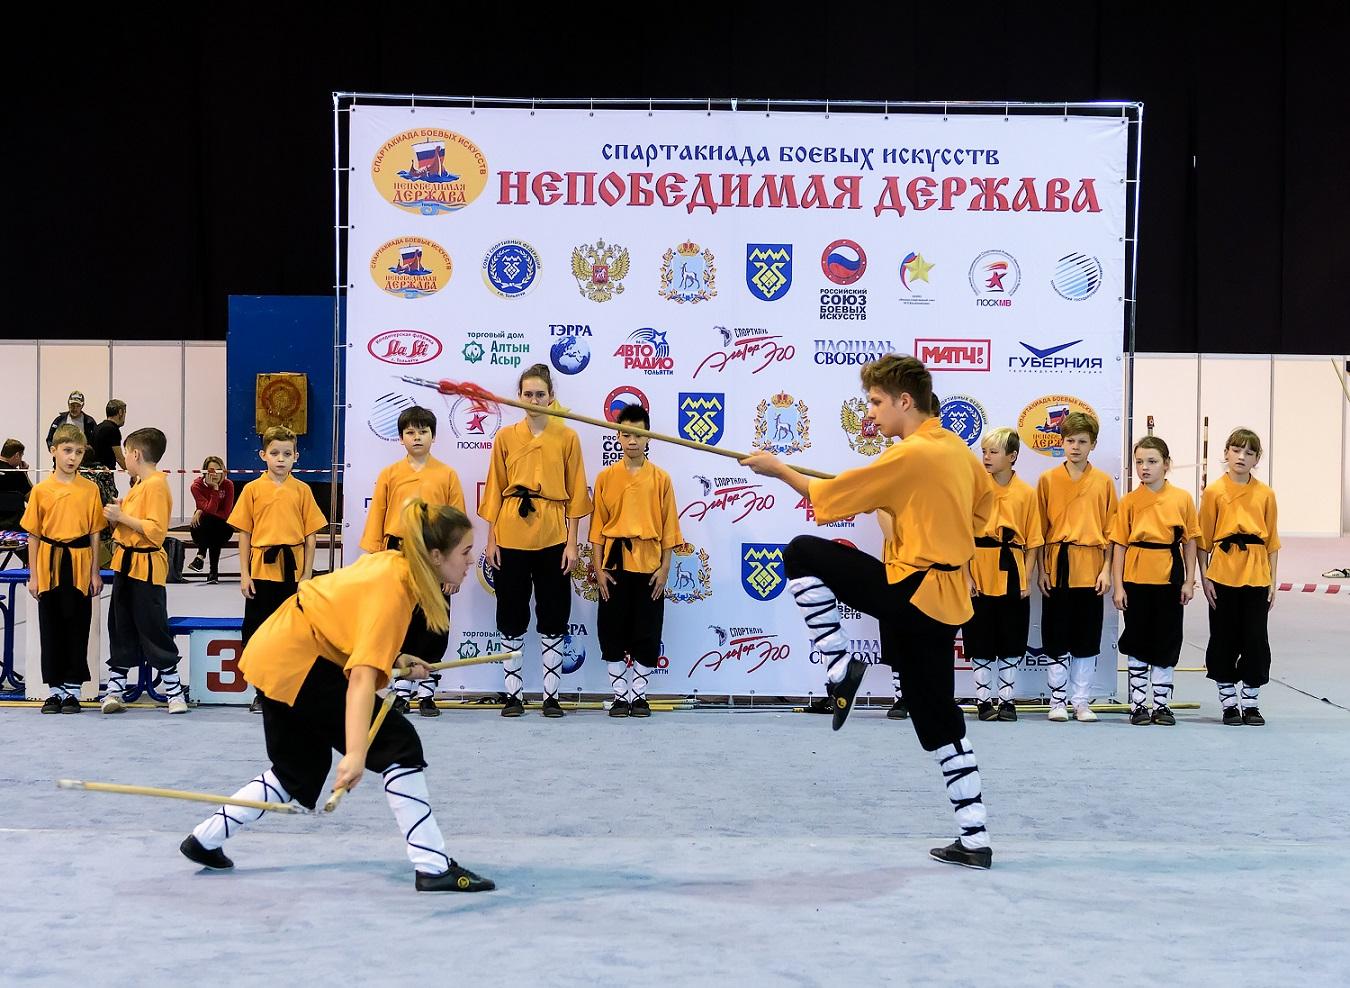 Спартакиада боевых искусств «Непобедимая Держава» преодолела экватор